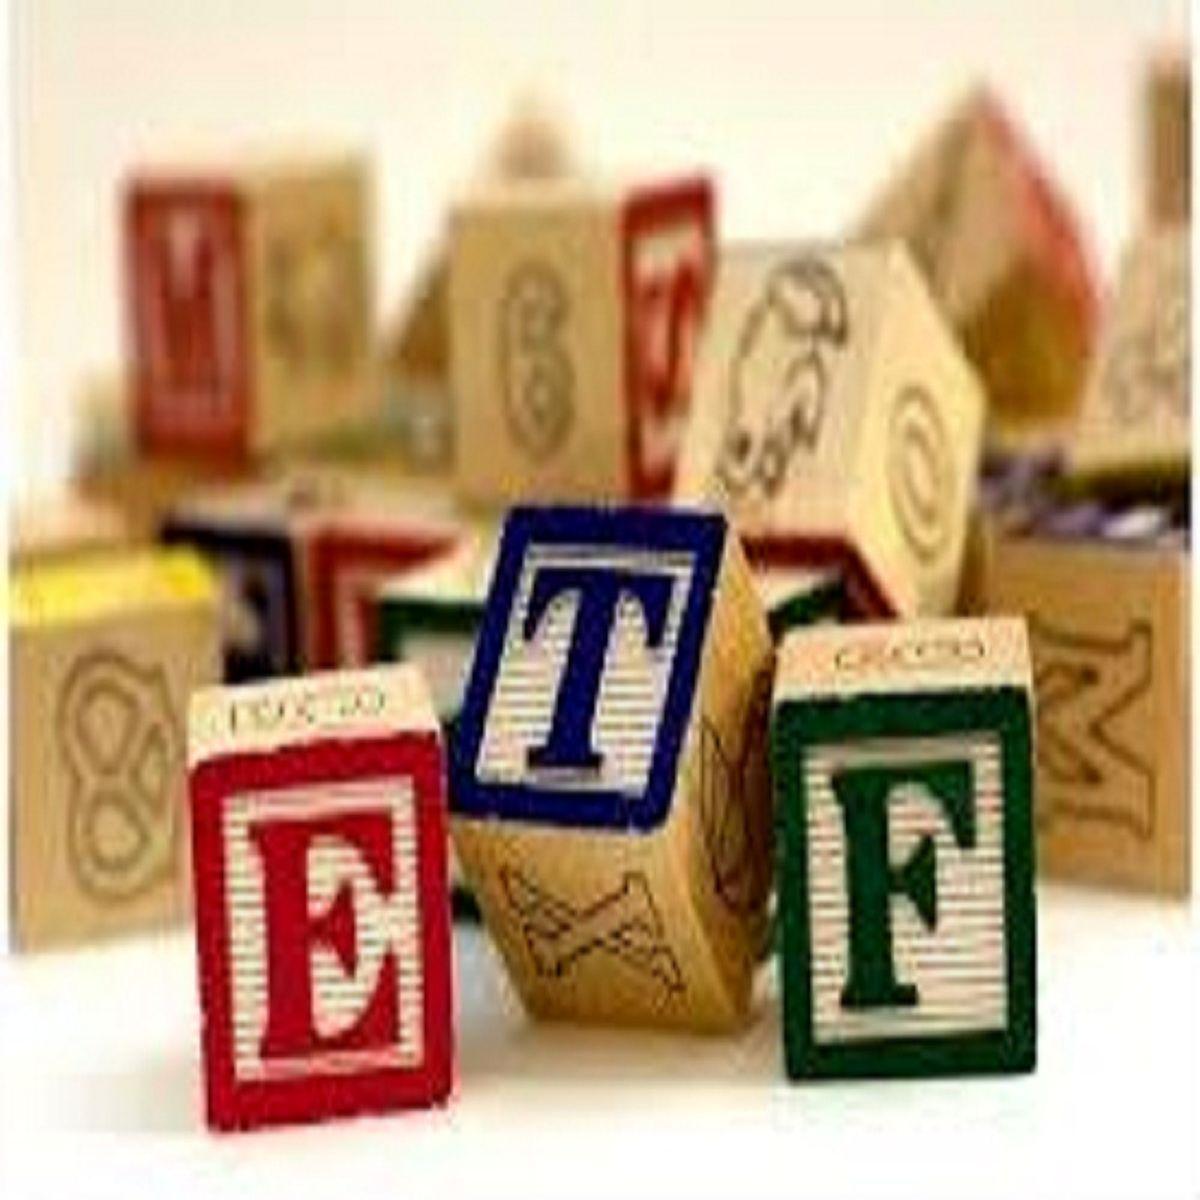 ۱۷۰ هزار میلیارد ریال ارزش صندوق های ETF